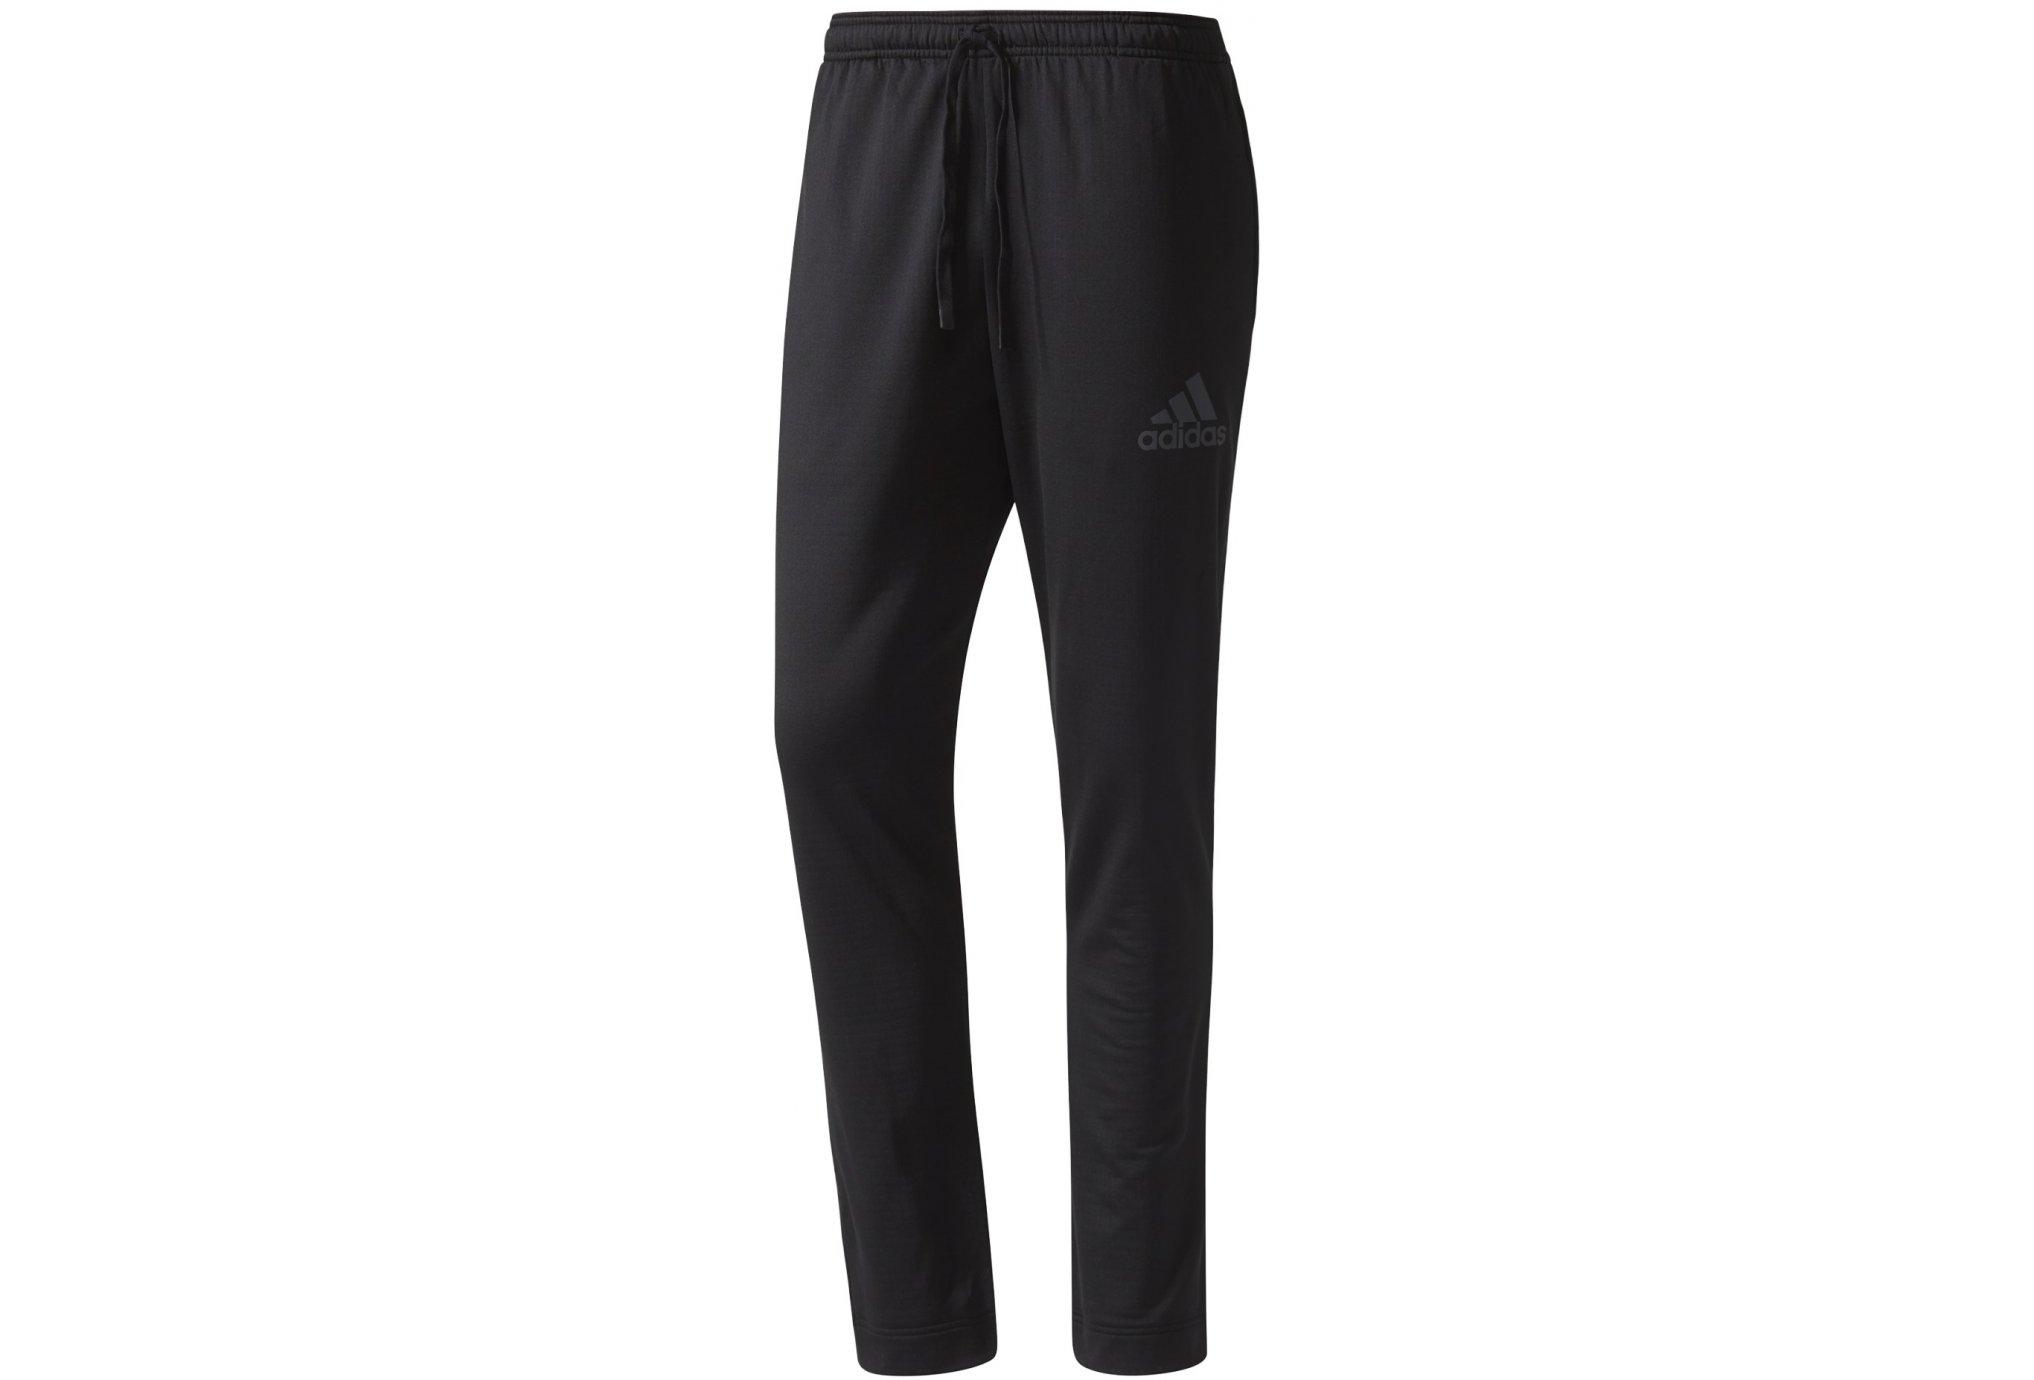 Adidas Climaheat m diététique vêtements homme